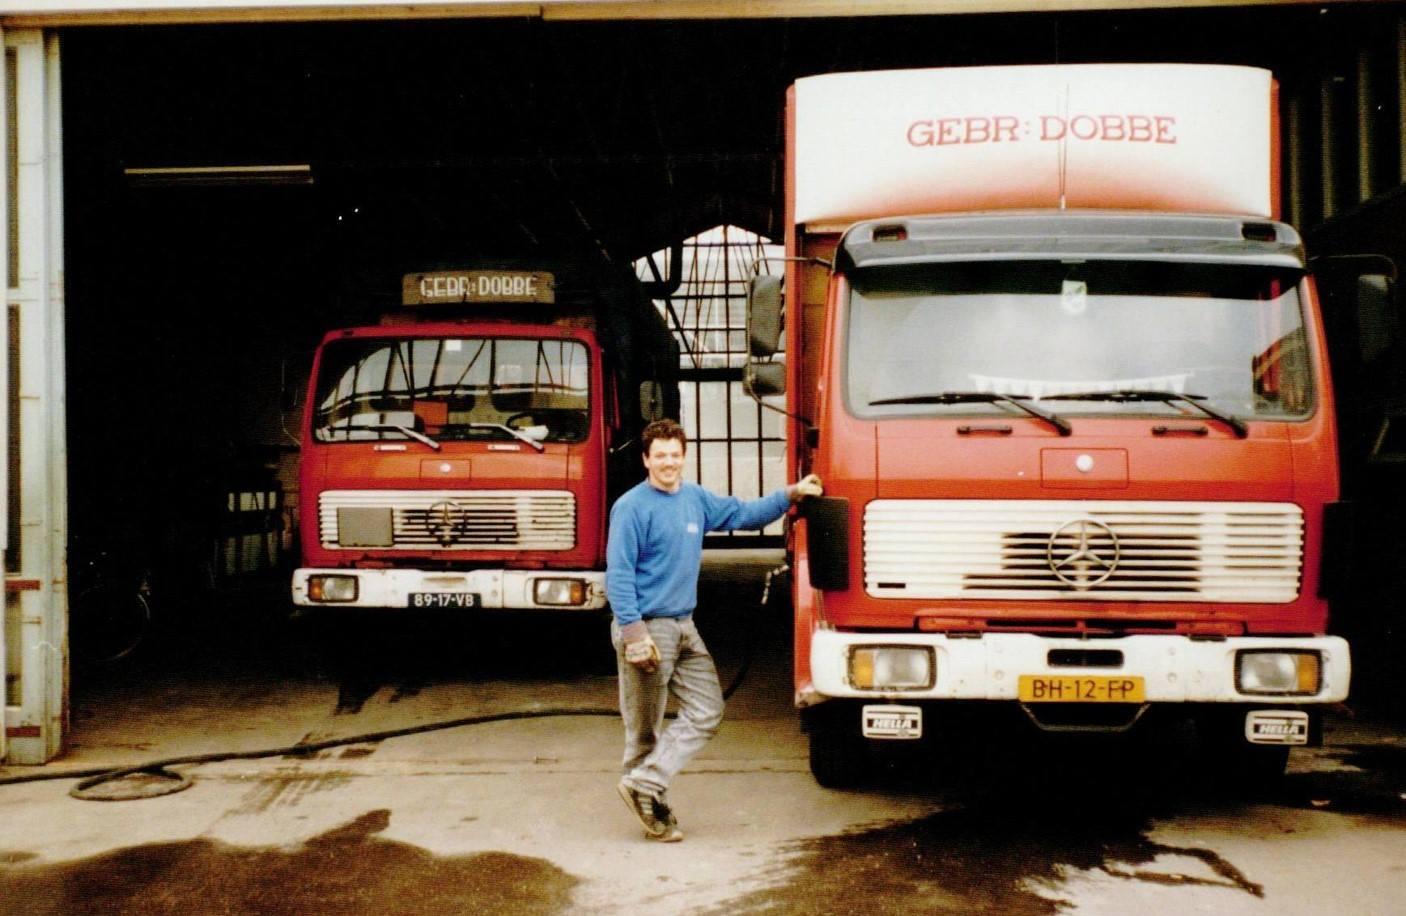 Onze-collega-Richard-Bouwmeester-naast-auto-nummer-2-op-de-Korte-Goog--Foto-is-van-rond-1990--De-auto-links-op-de-foto-werd-ingezet-voor-de-bode-dienst-van-Van-Gend-en-Loos